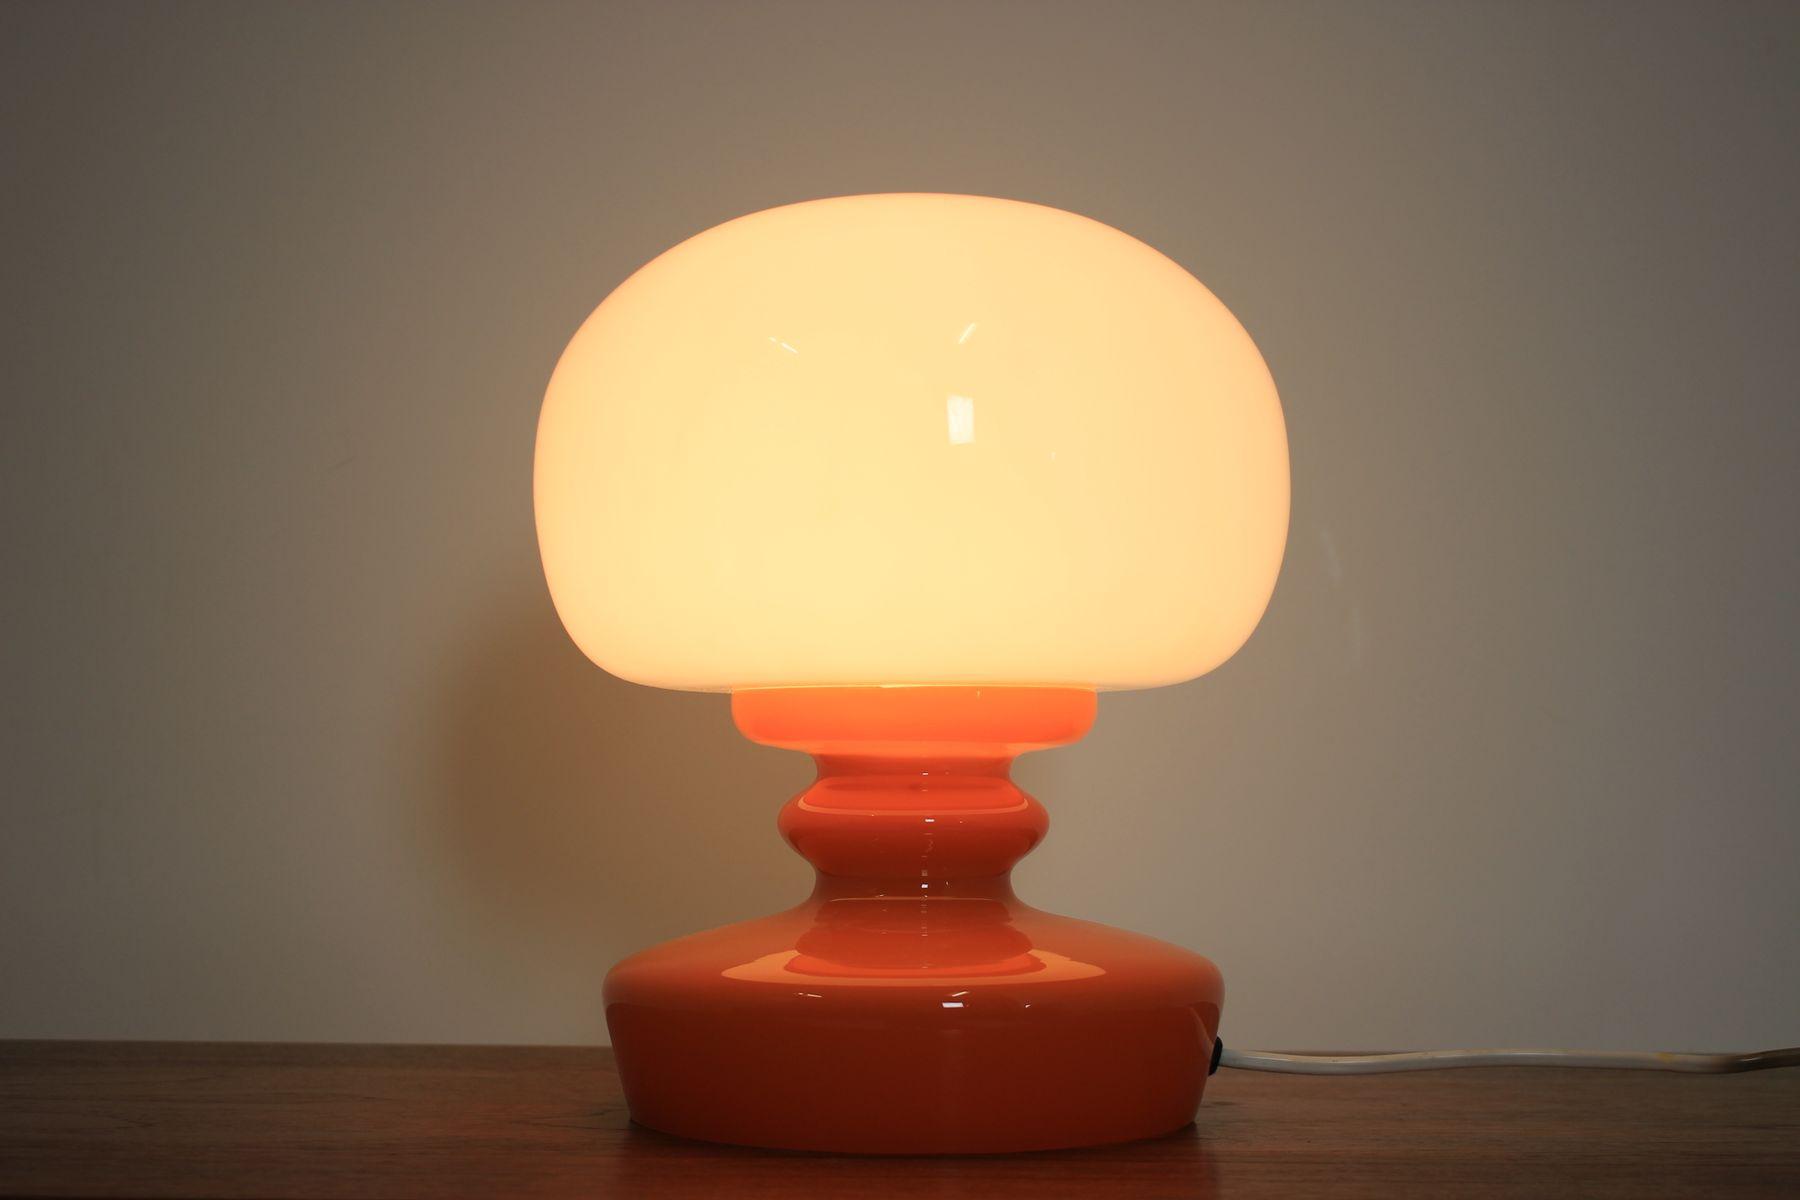 Lampade In Vetro Anni 70 : Lampada da tavolo in vetro anni in vendita su pamono